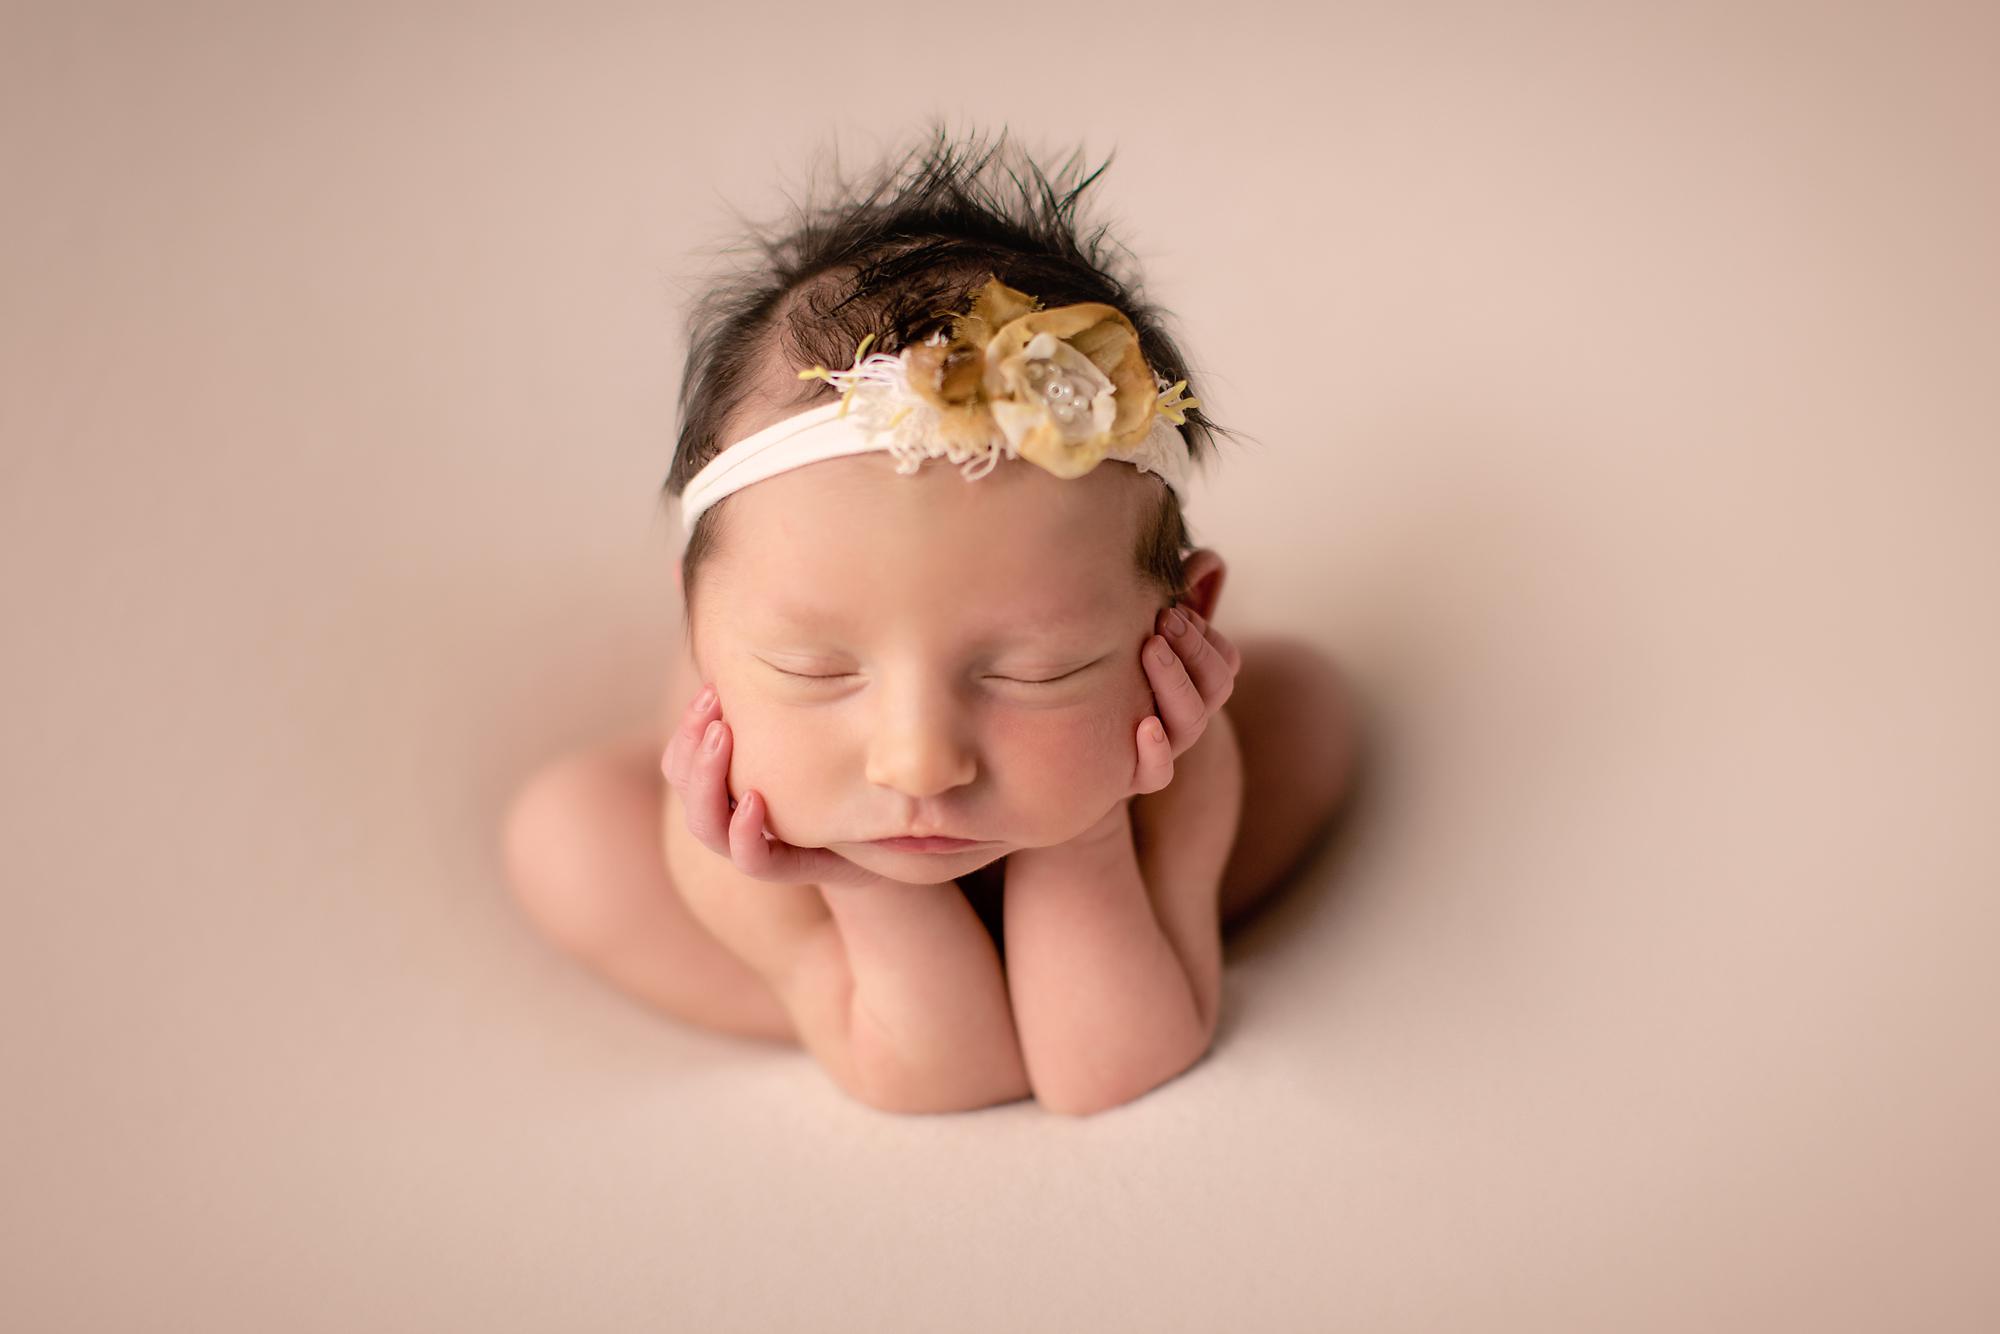 Froggy pose - newborn baby girl. Newborn Photoshoot ideas. Calgary and Airdrie newborn baby photographer - Milashka Photography